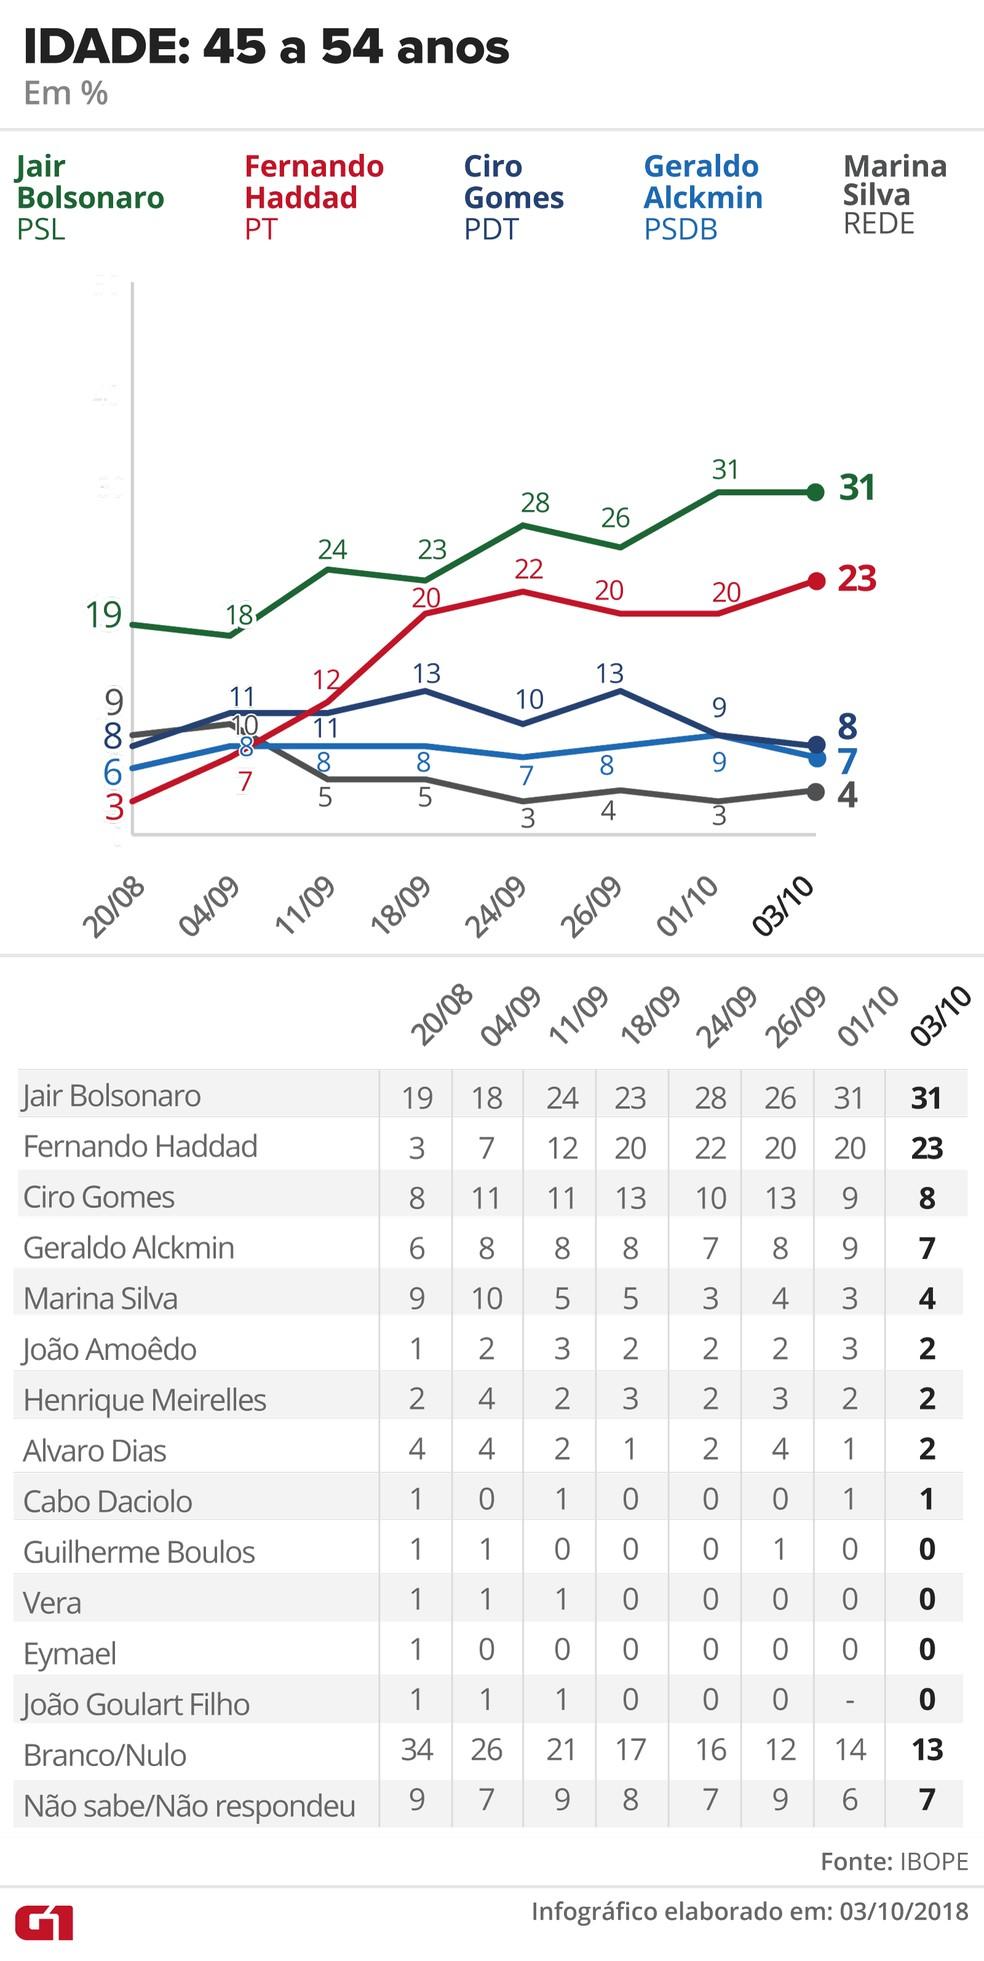 Pesquisa Ibope - 3 de outubro de 2018 - intenção de voto entre eleitores com 45 a 54 anos — Foto: Arte/G1